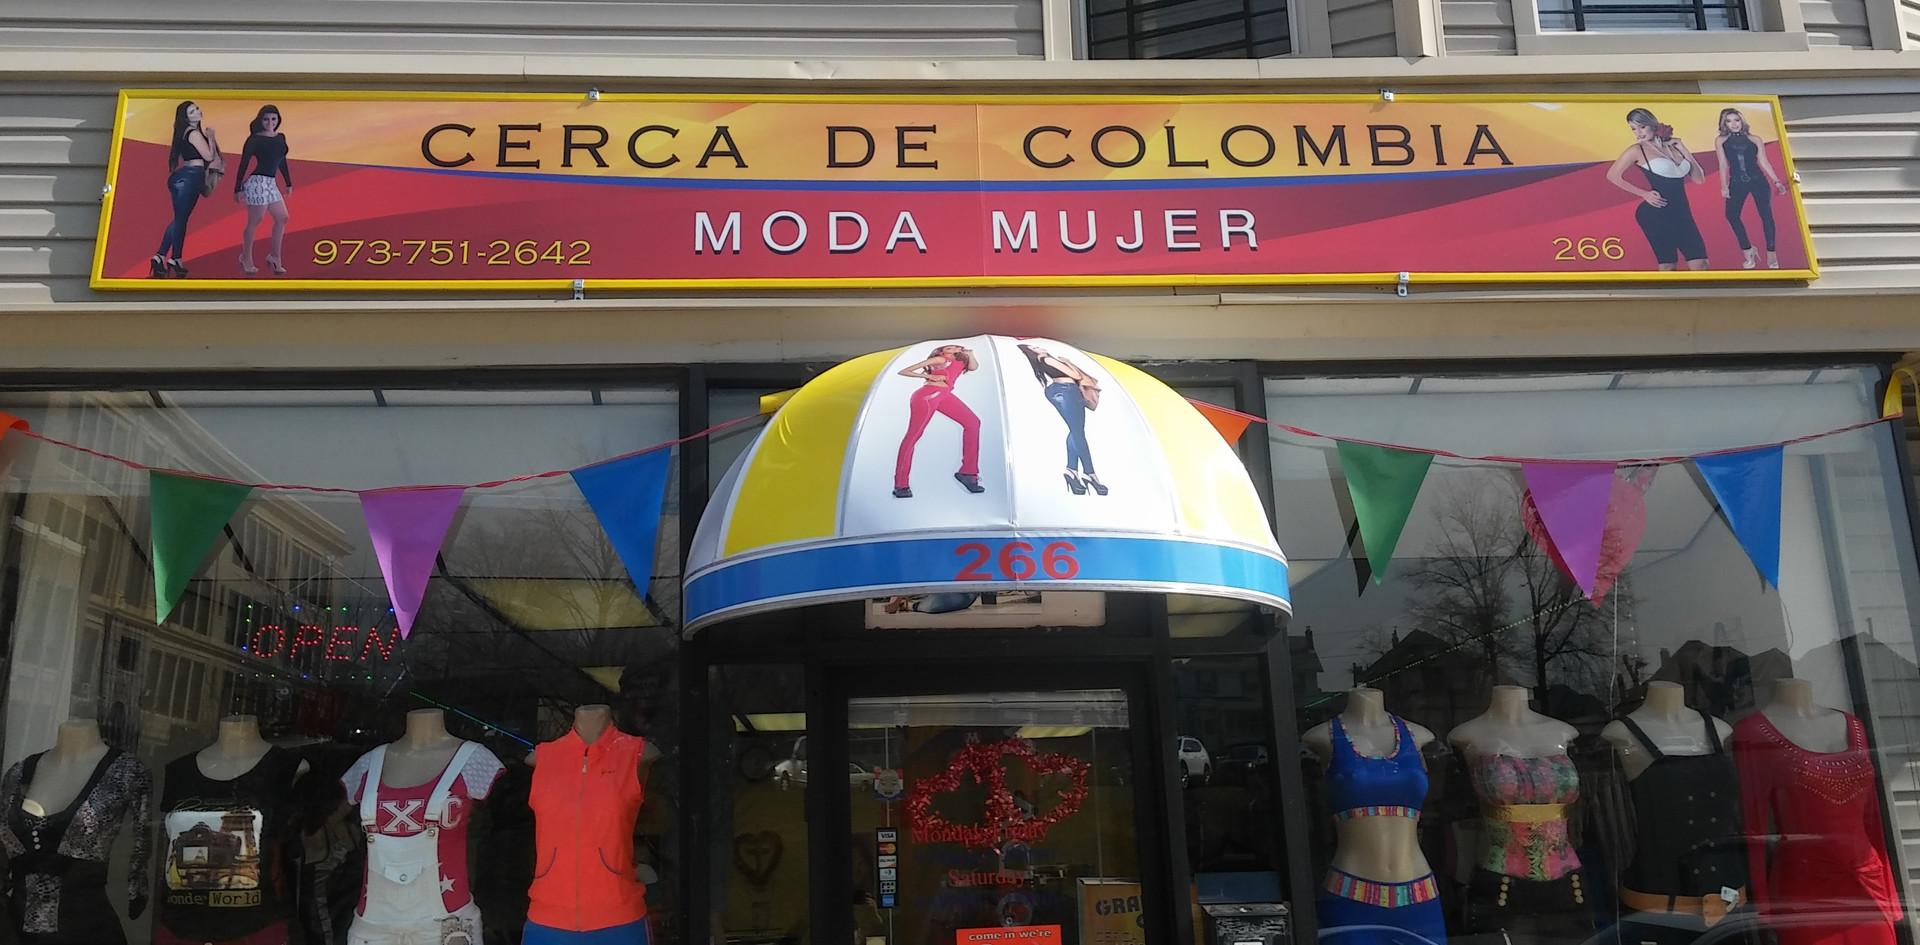 Cerca De Colombia Aluminium.jpg